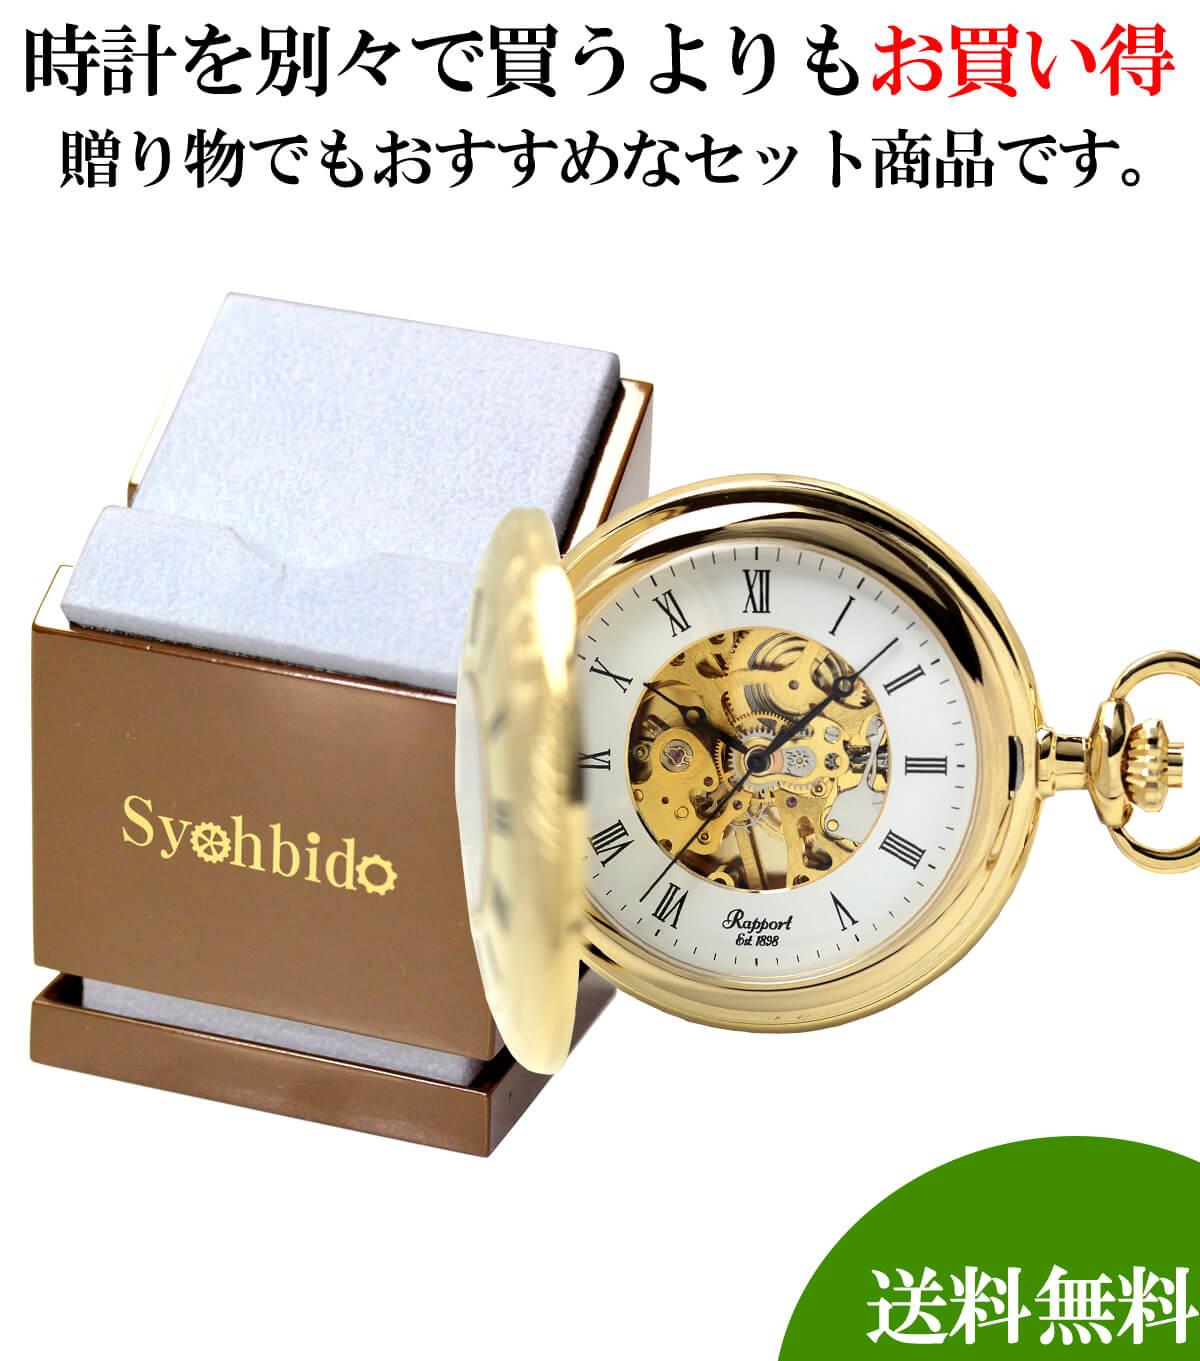 懐中時計と懐中時計専用スタンドのセット pw56